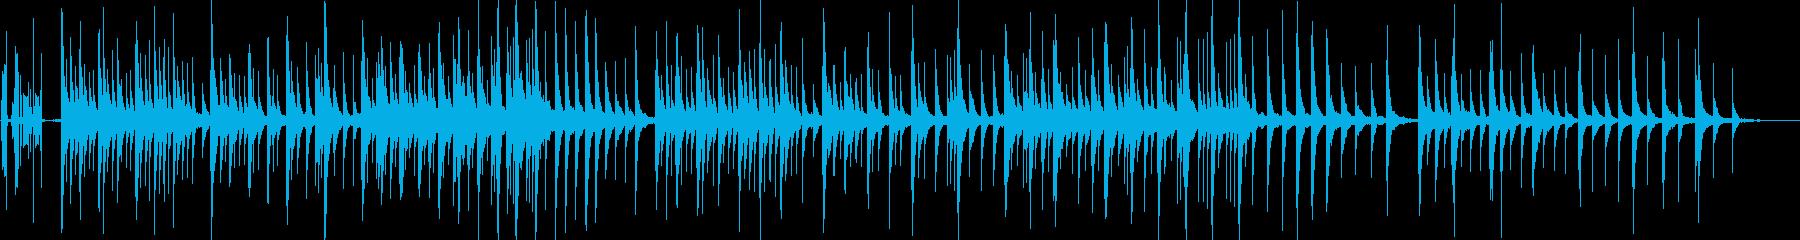 オルゴール(ねじを回してから止まるまで)の再生済みの波形